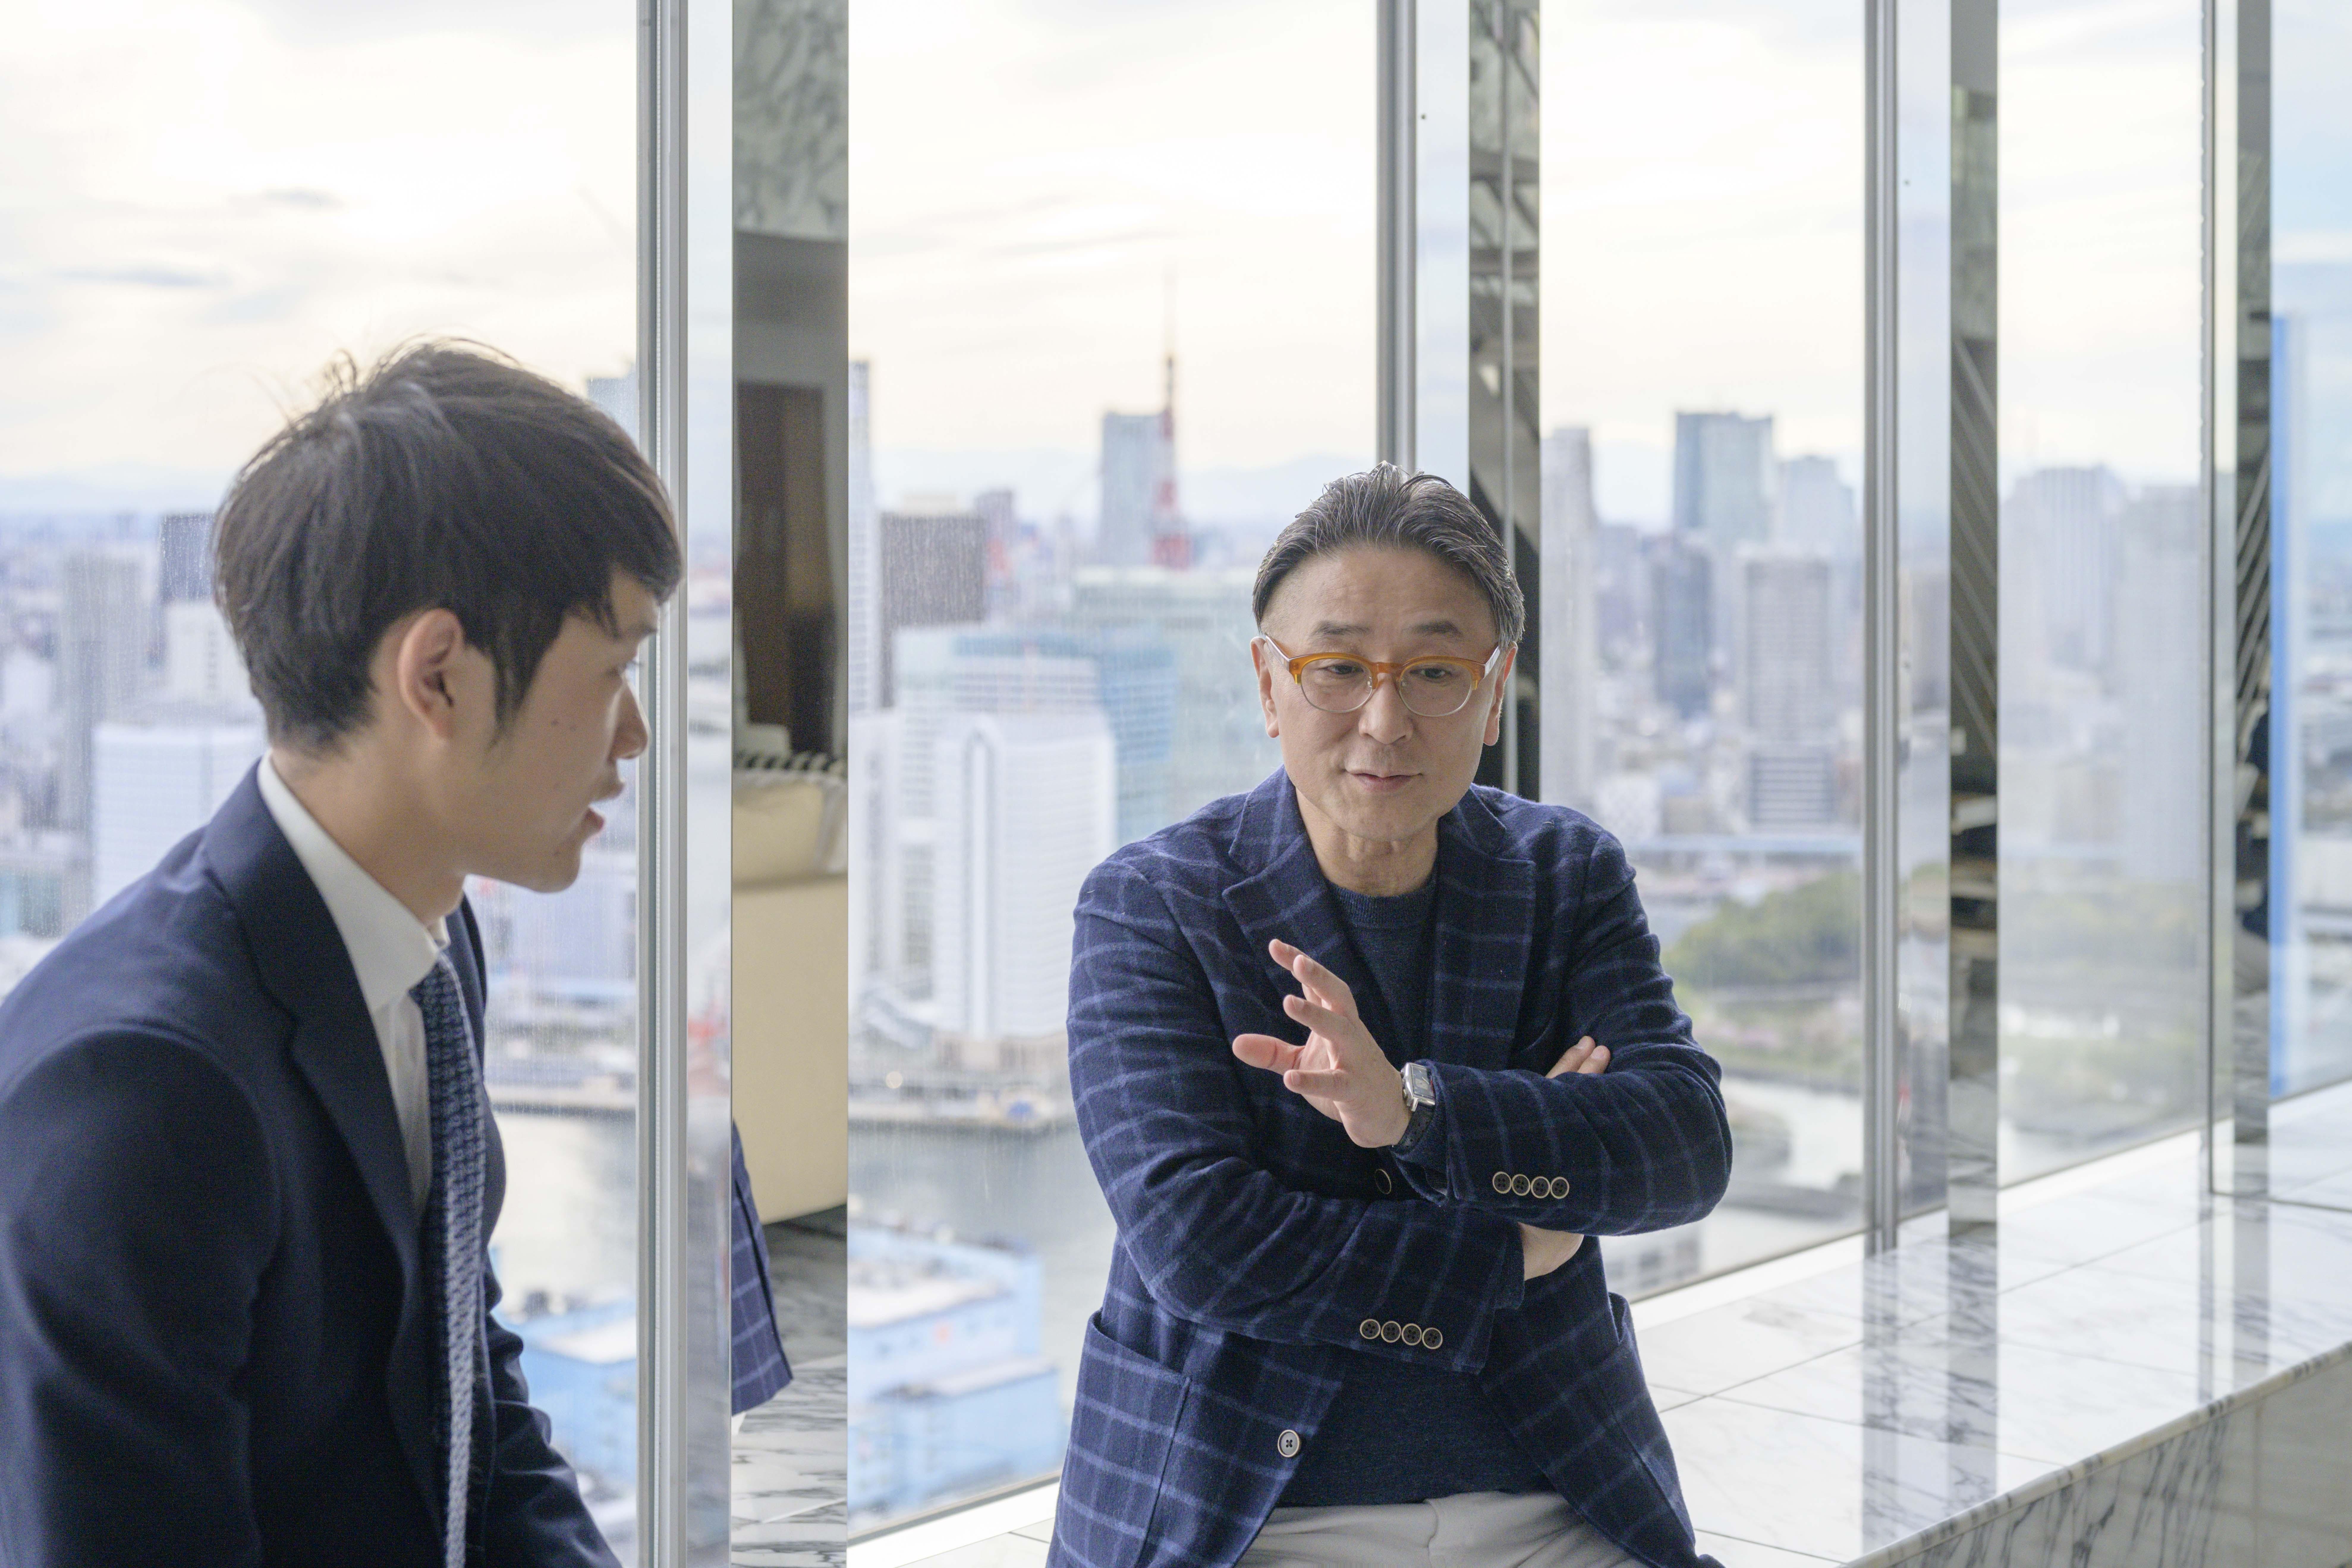 【カウルボイスVol.6】ザ東京タワーズご購入 T様